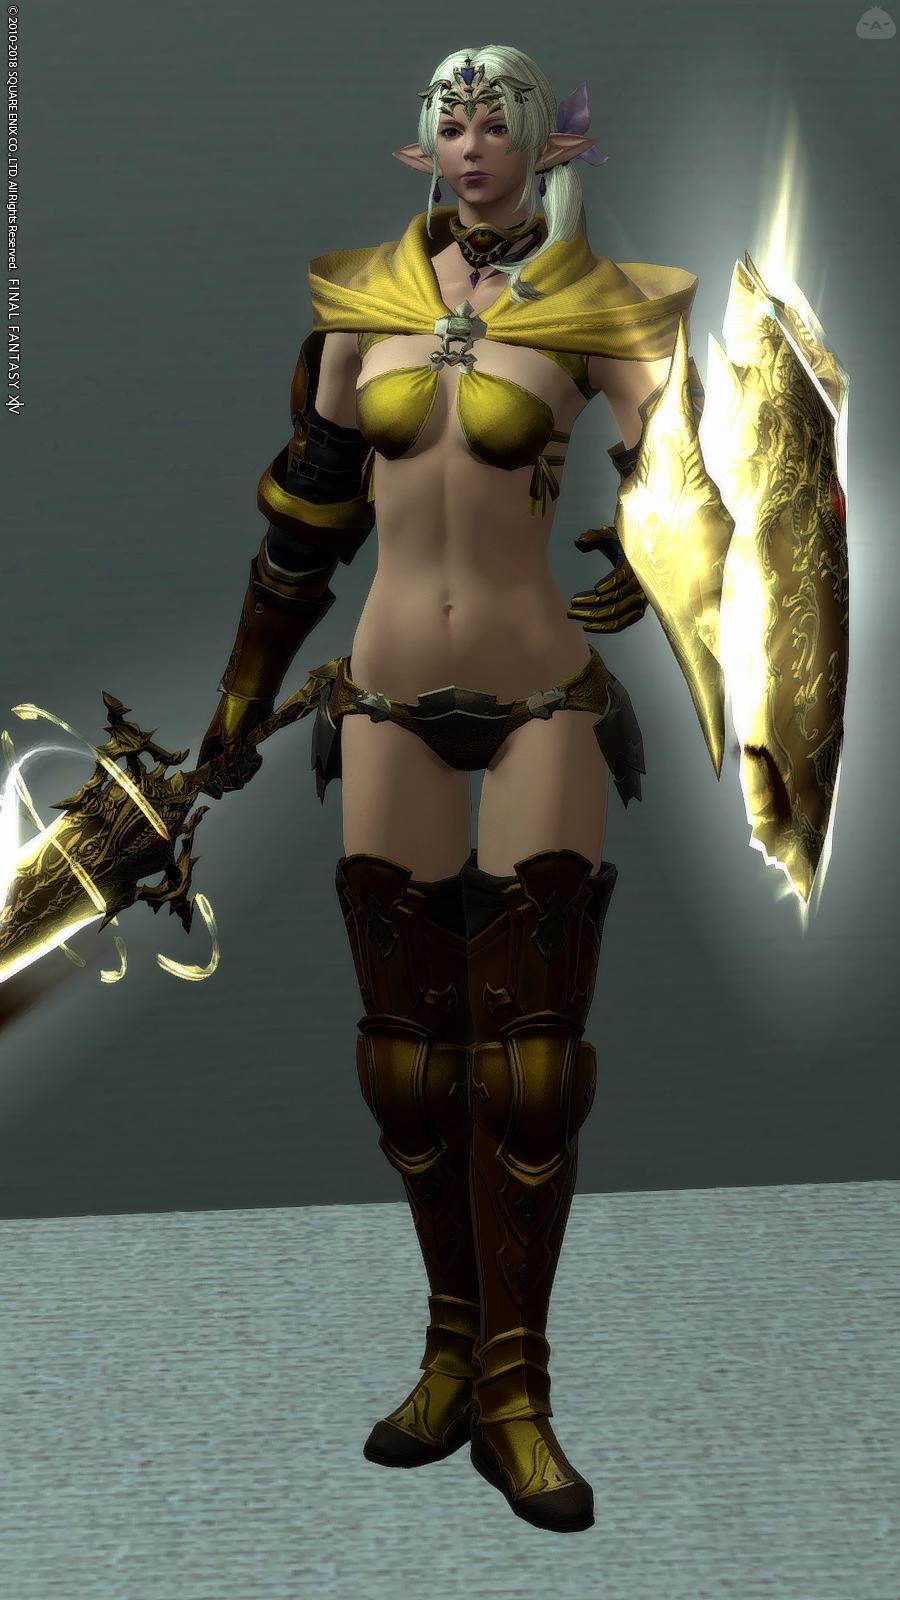 黄金の姫騎士